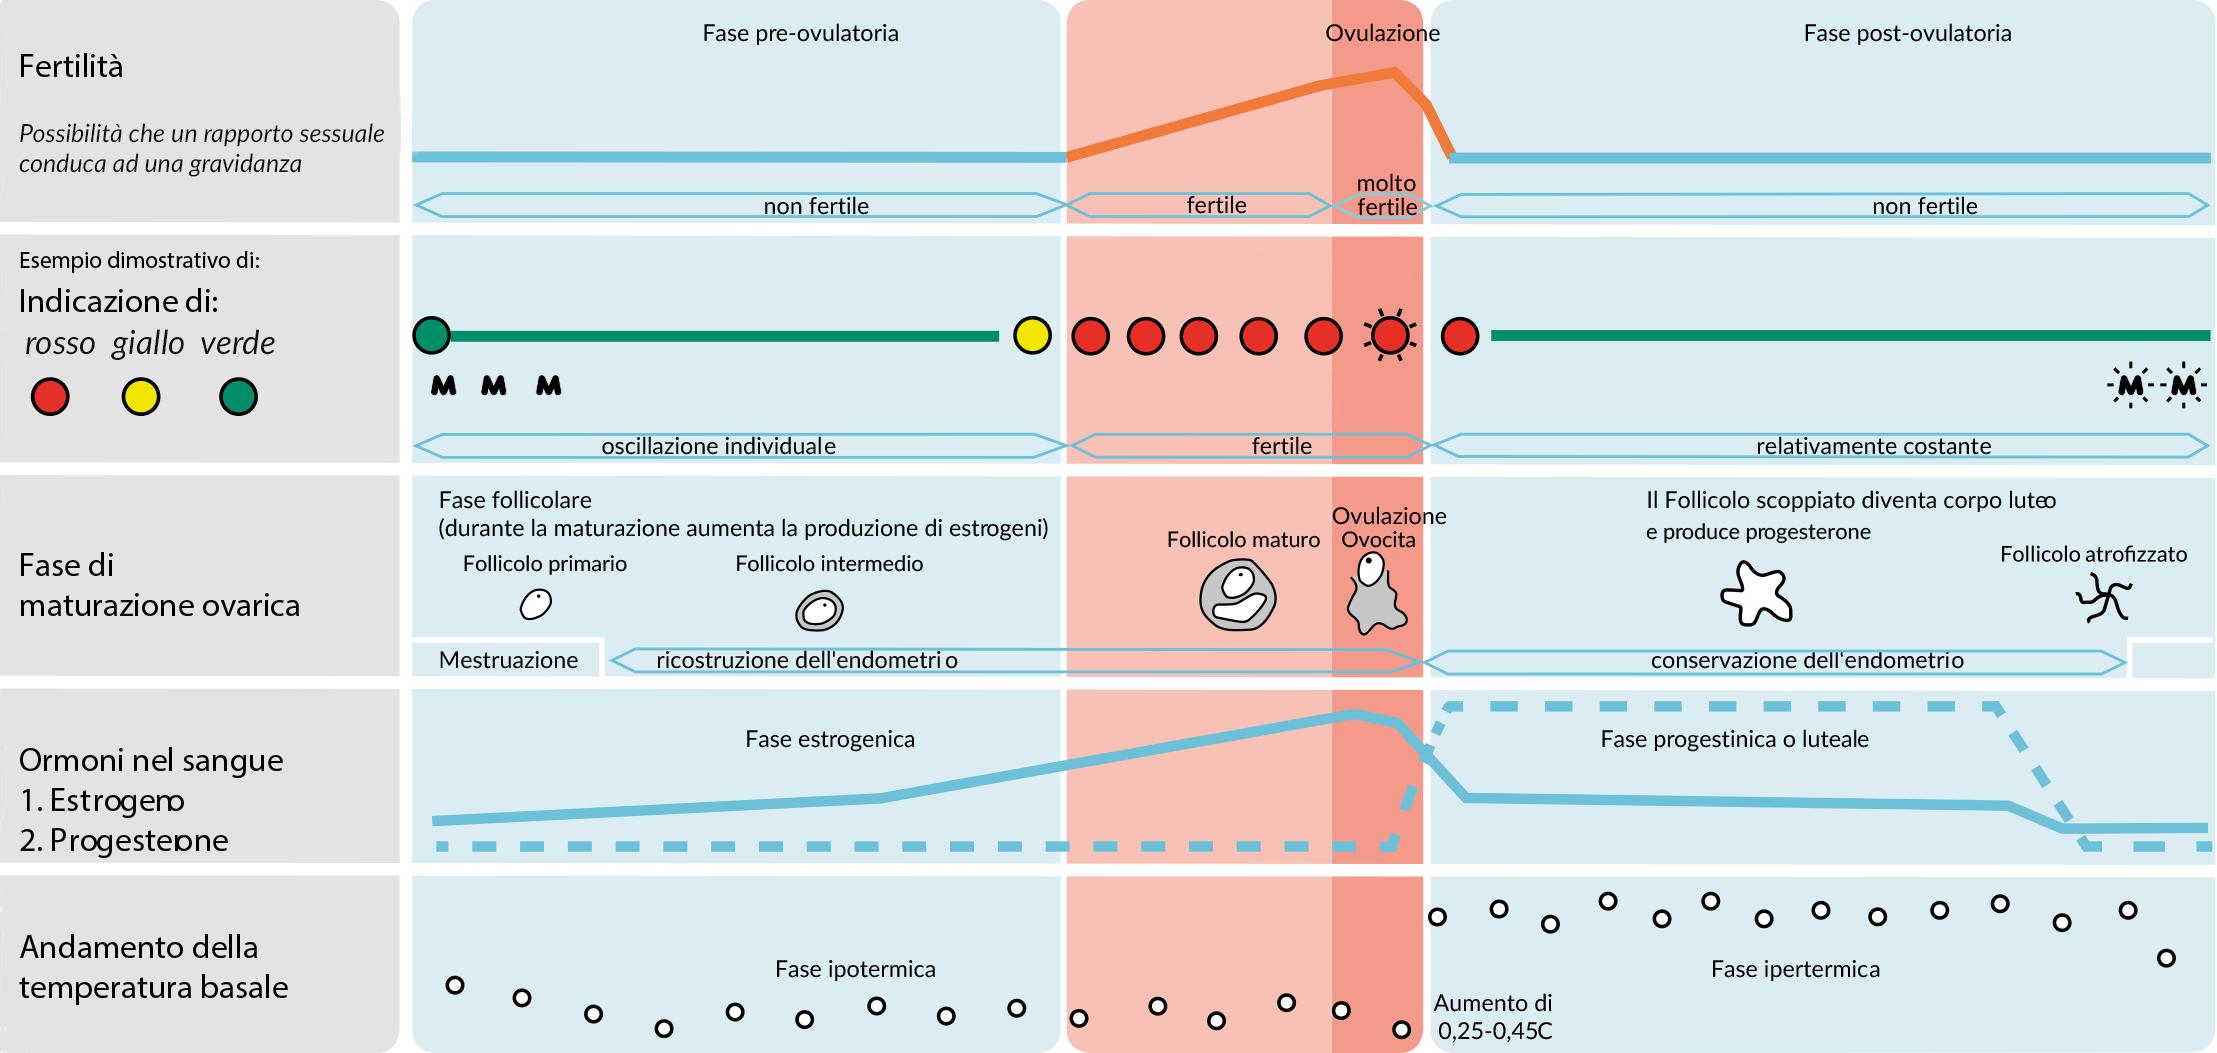 Spiegazione del metodo con tabella